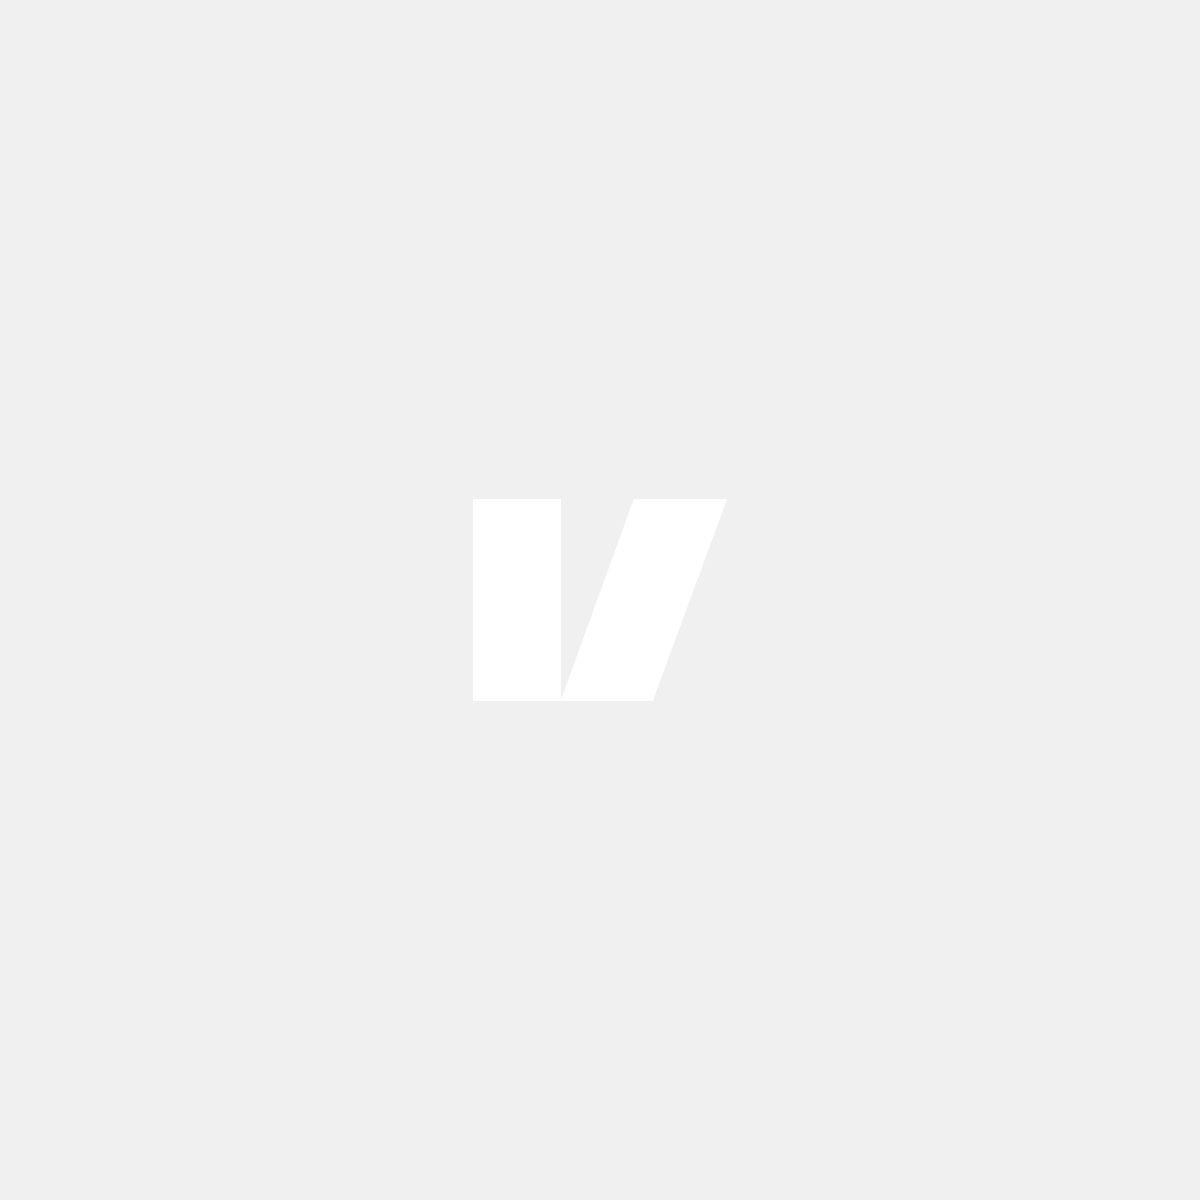 Styling strålkastare till Volvo S70, C70, V70, kromade, USA-blinkers